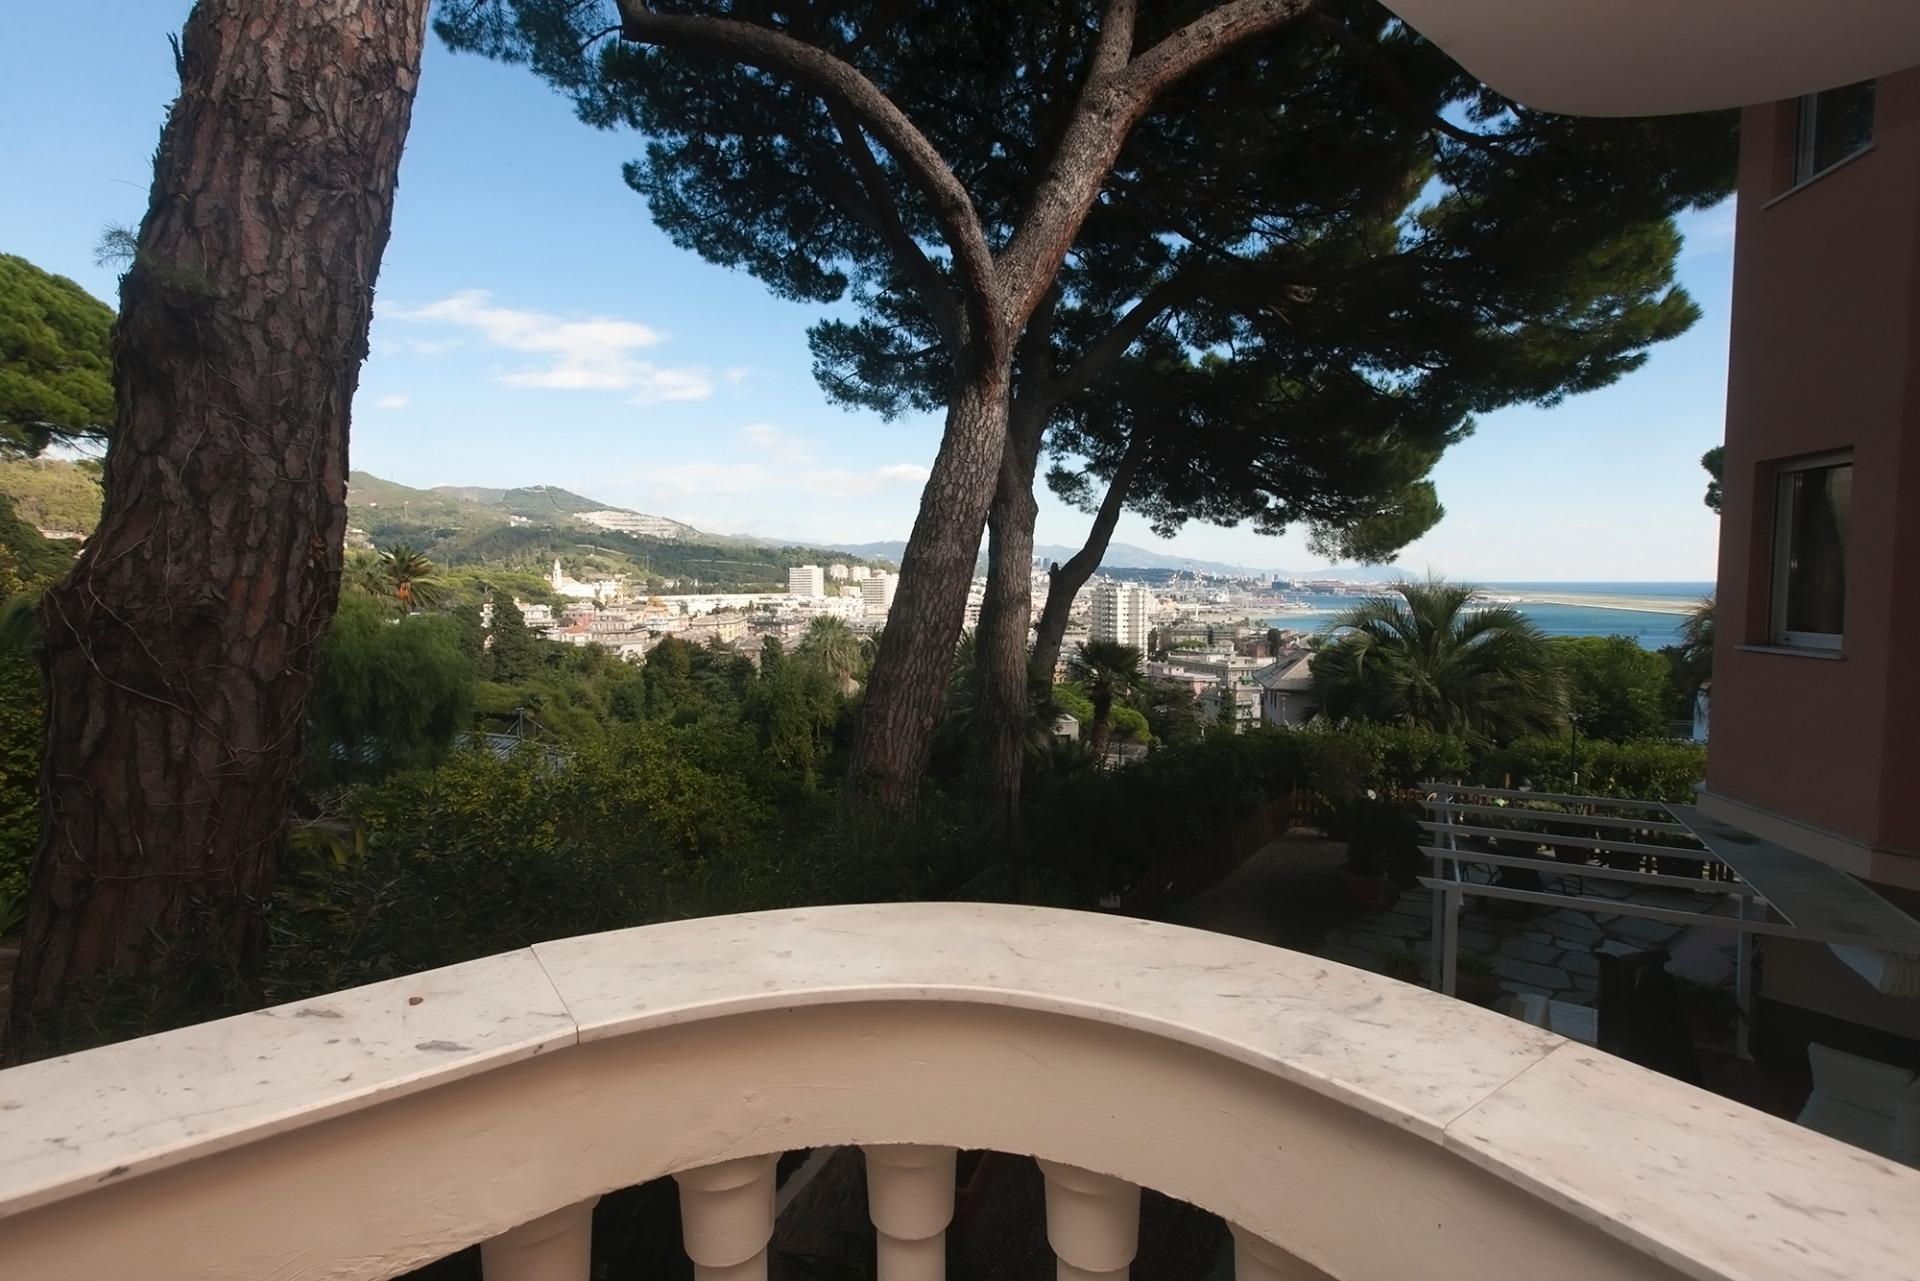 Villa in vendita a Genova, 5 locali, zona Località: Pegli, Trattative riservate | CambioCasa.it